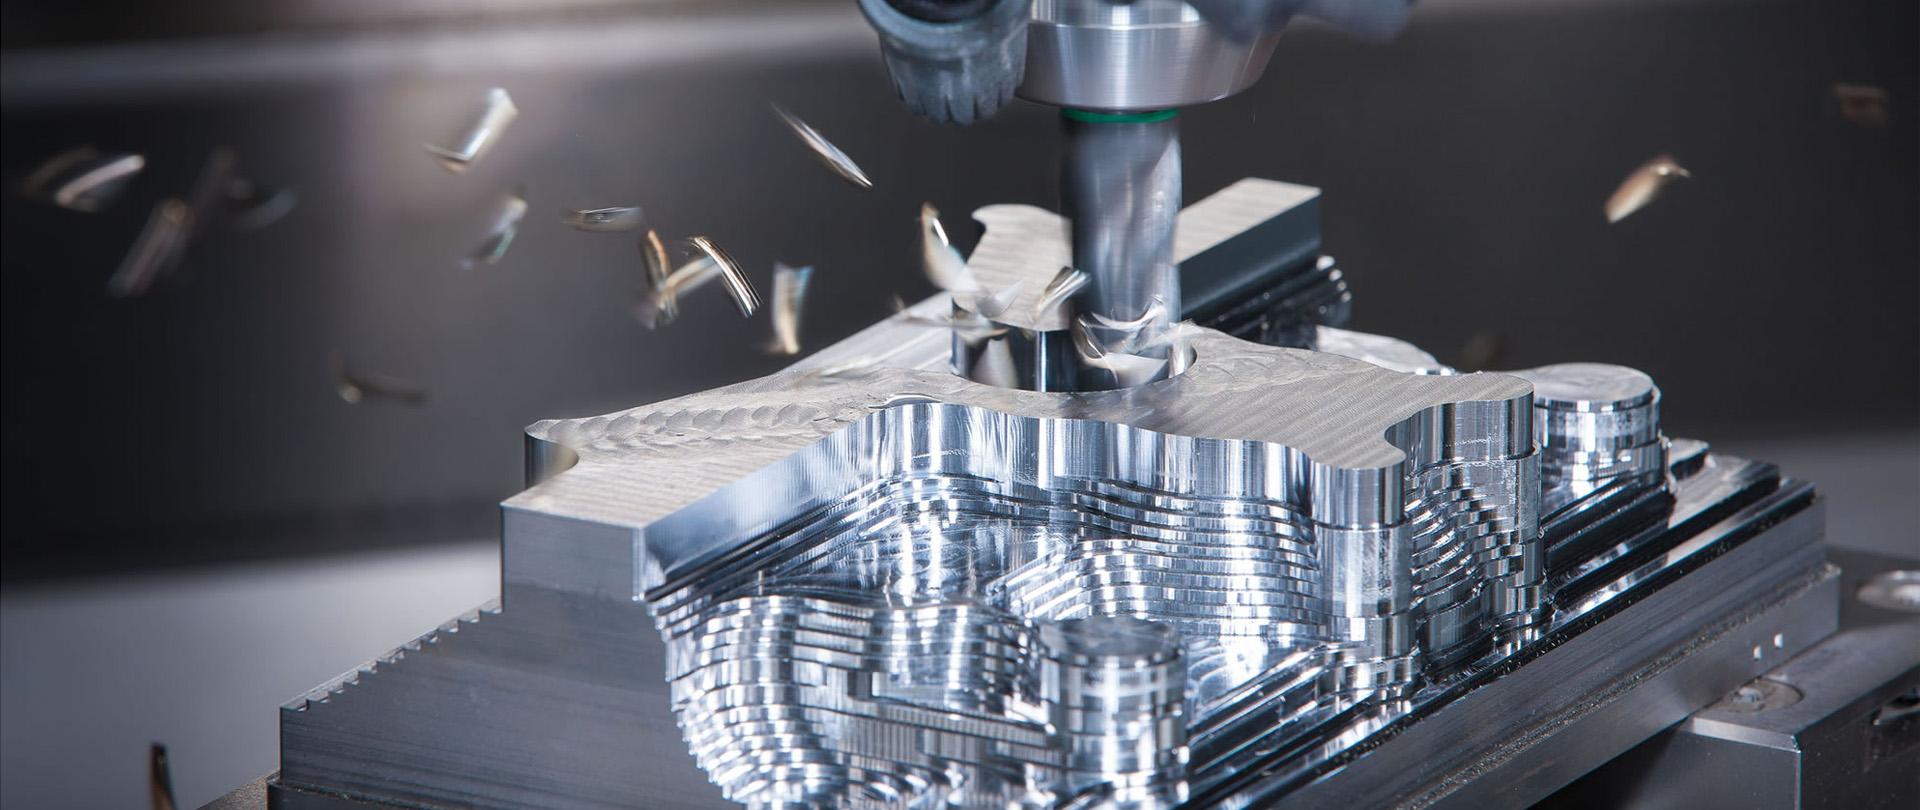 怎样选择治具厂家,如何考察治具工厂的加工能力 第1张